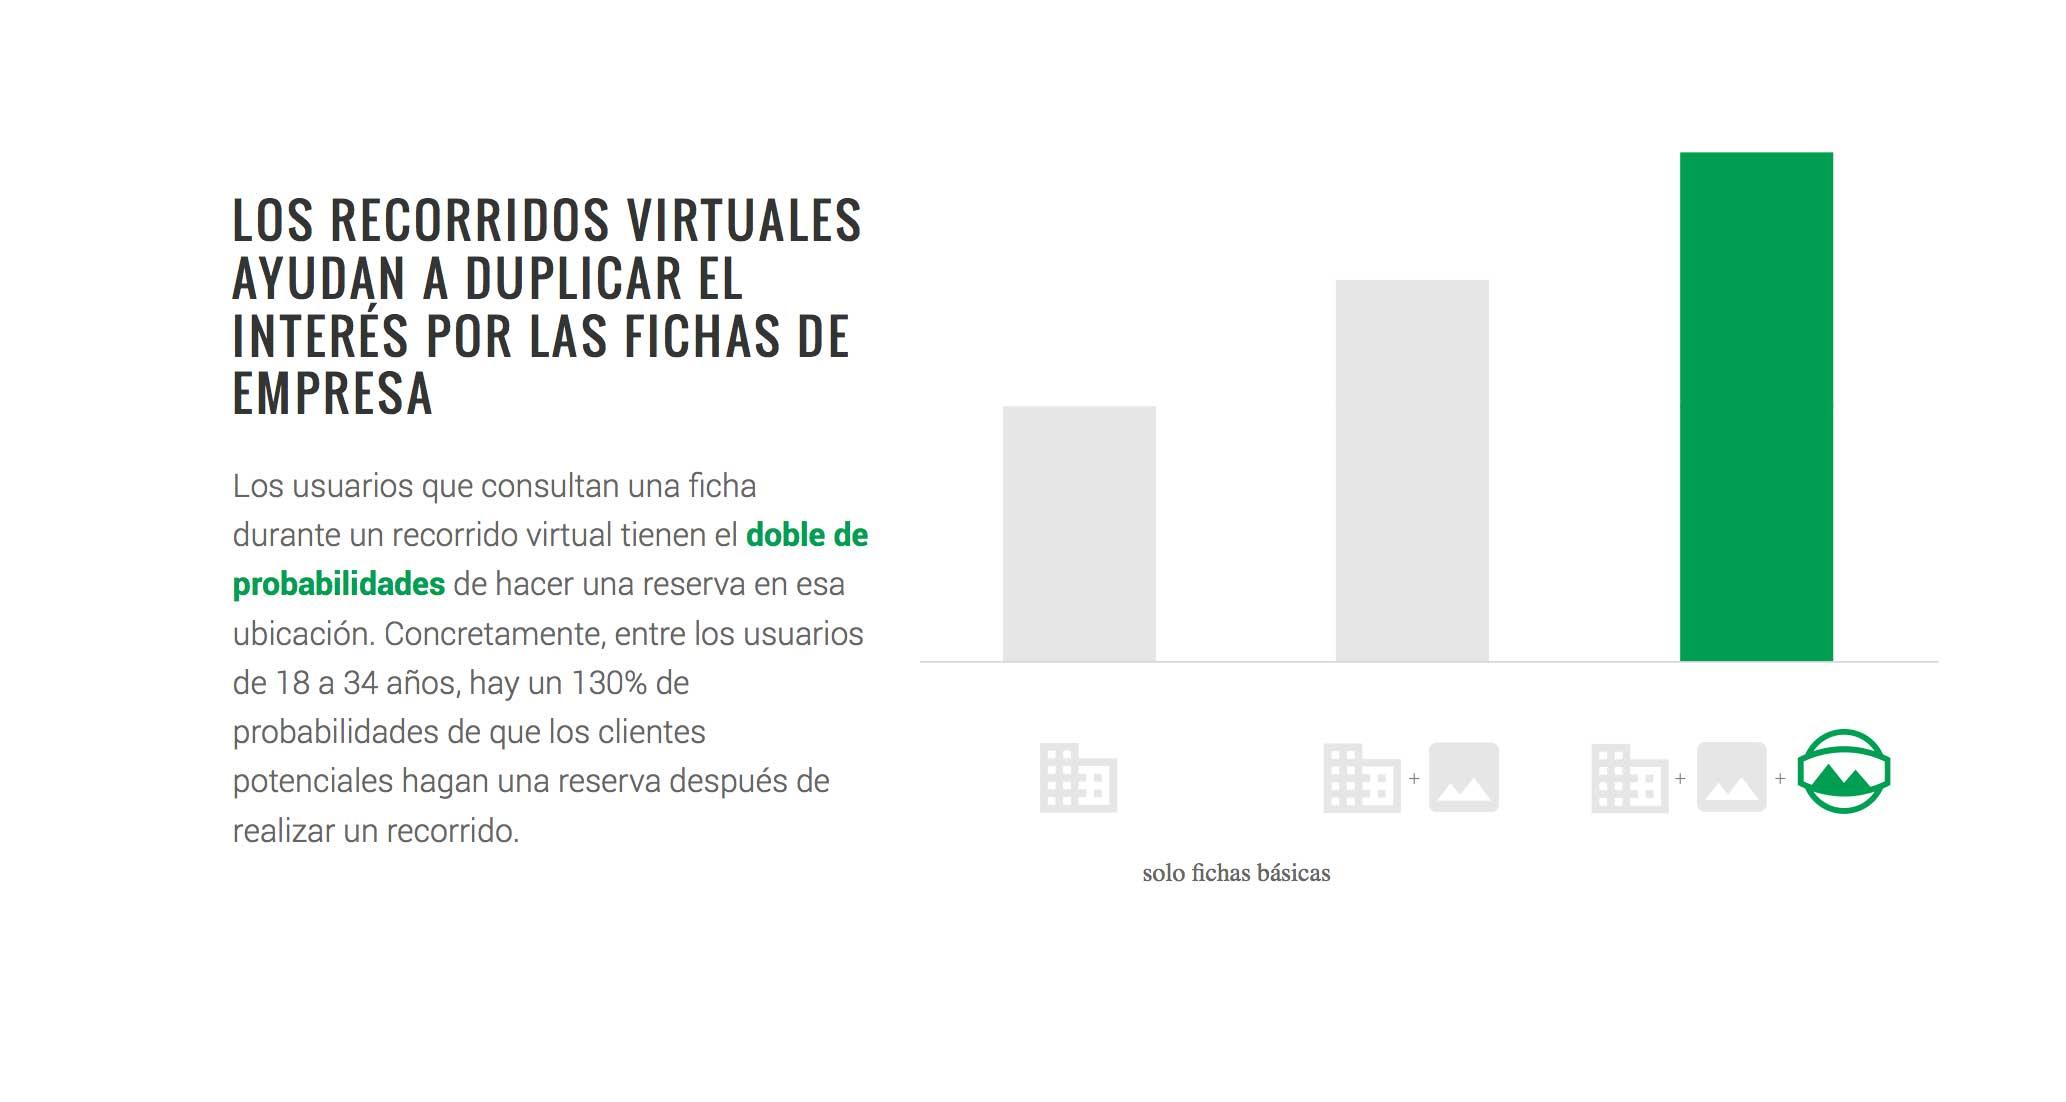 Los recorridos virtuales duplican interés